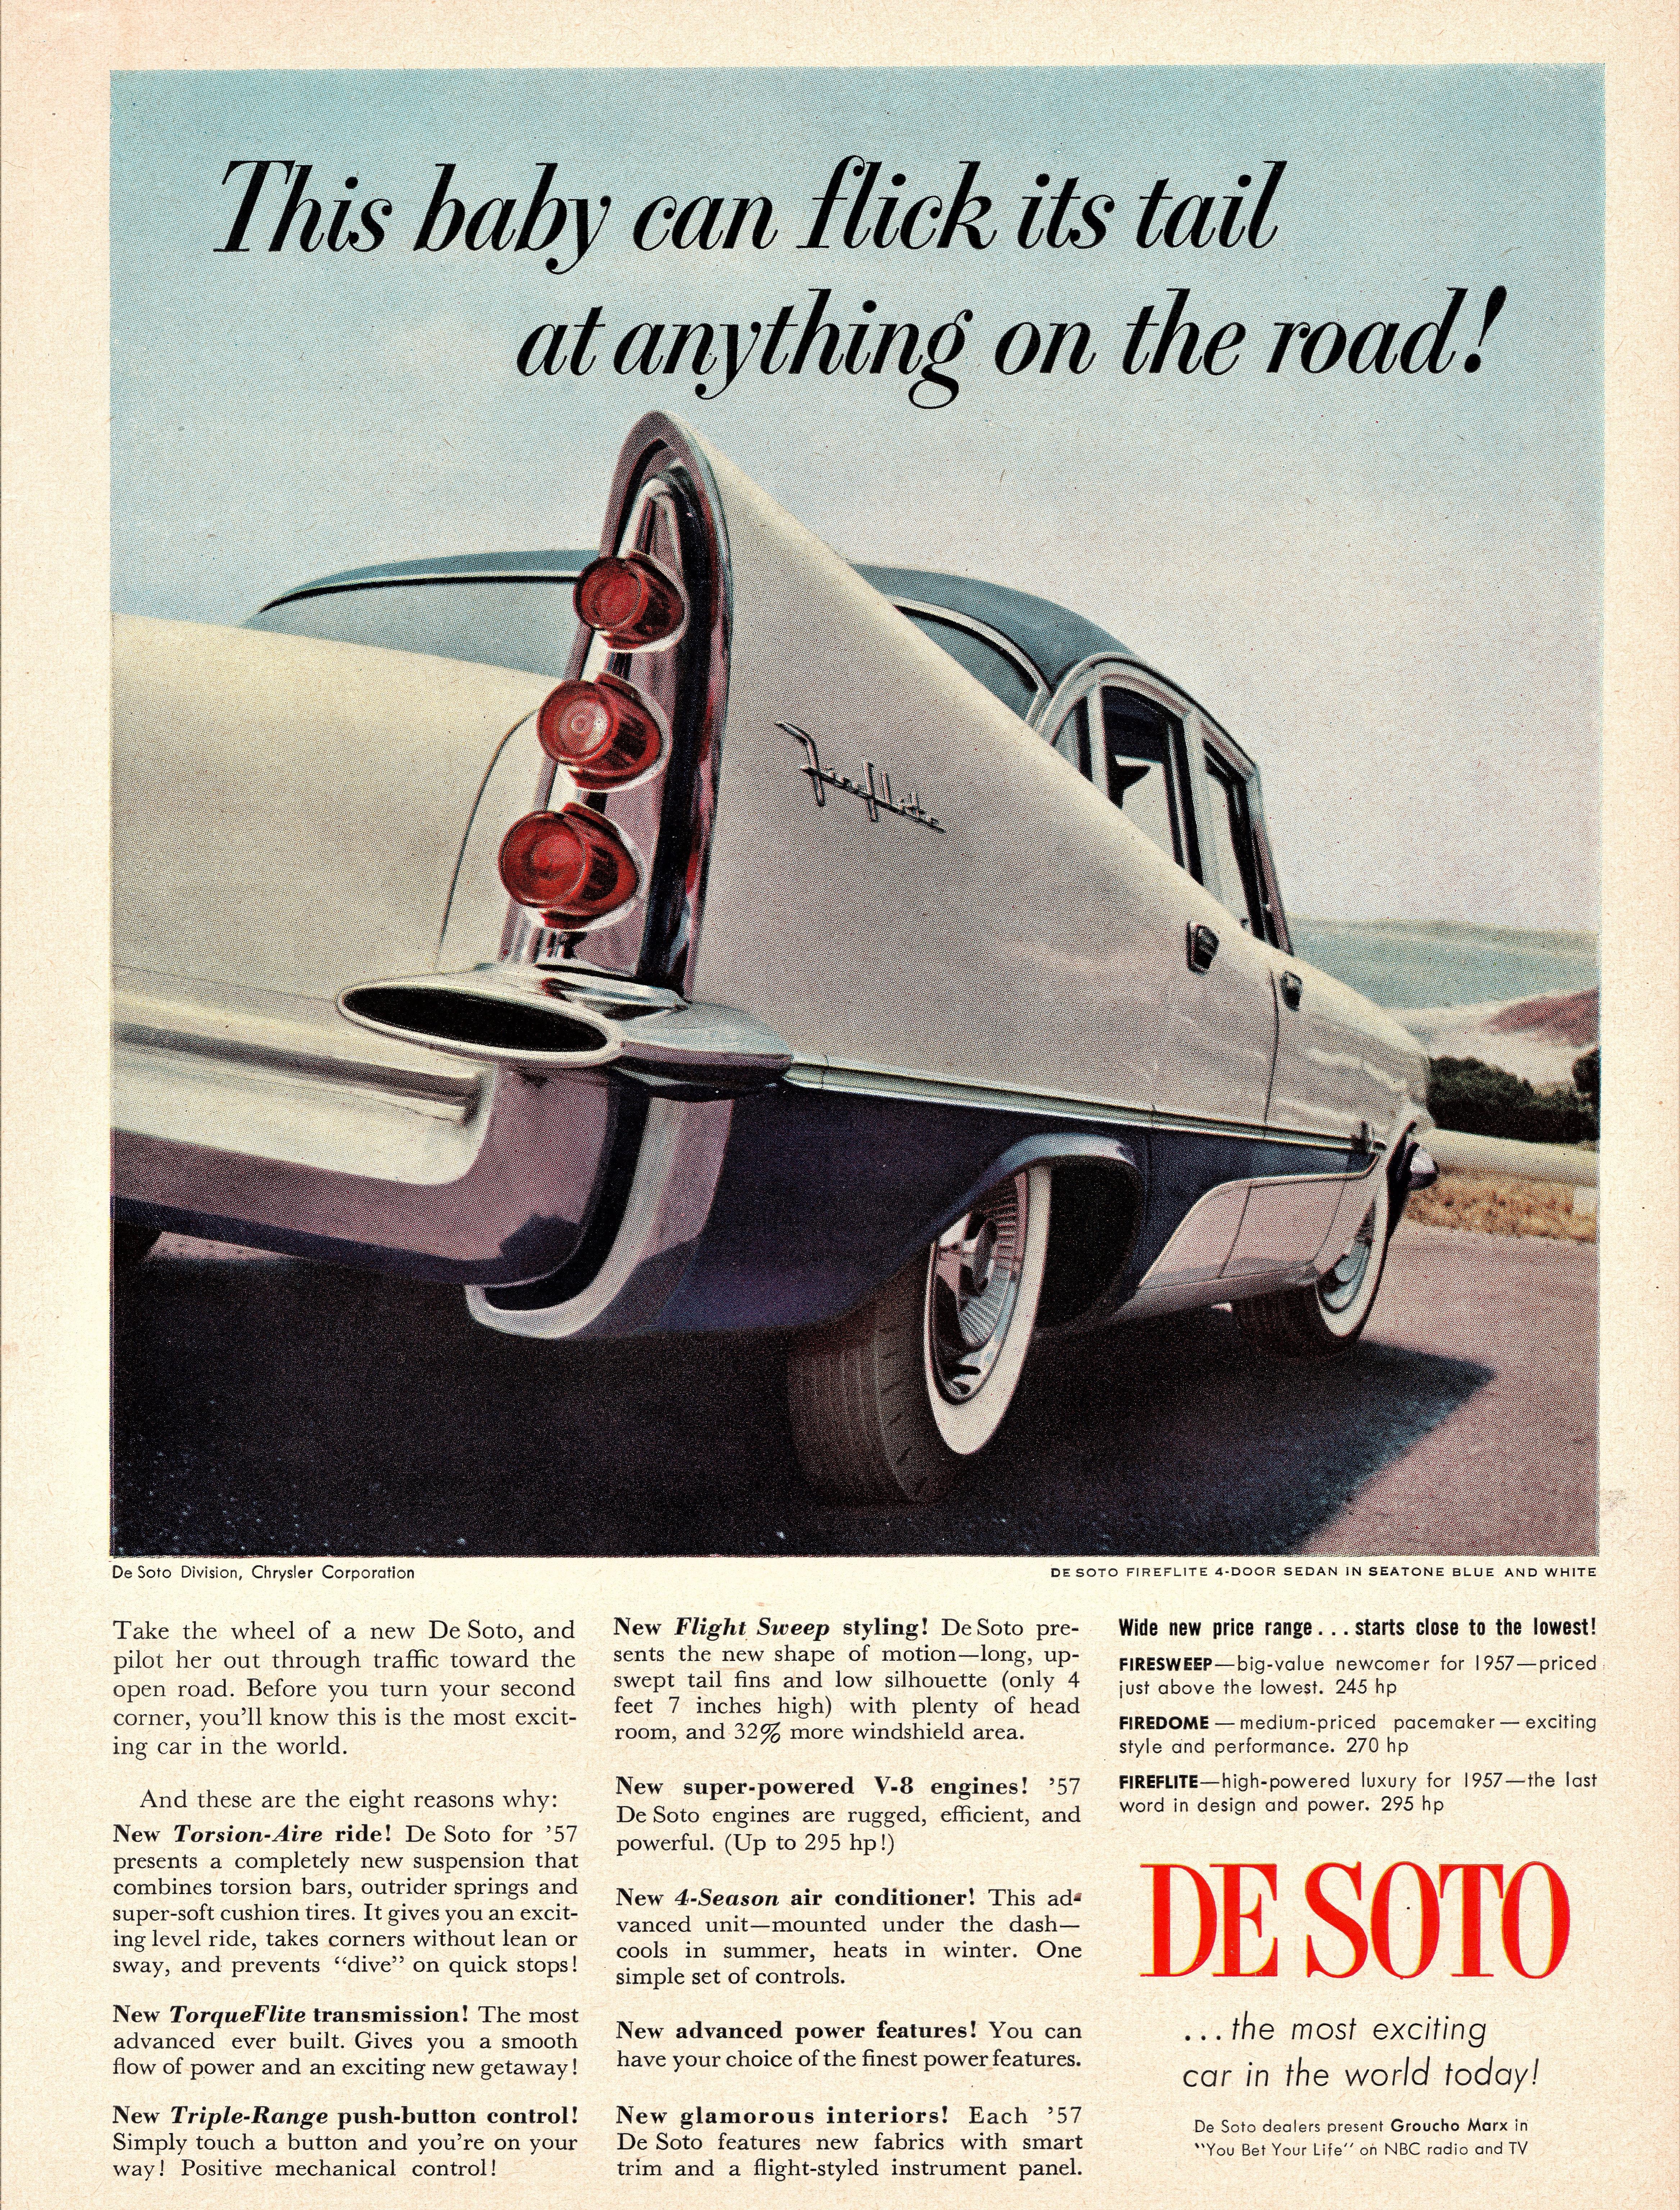 1957 DeSoto Fireflite 4-Door Sedan